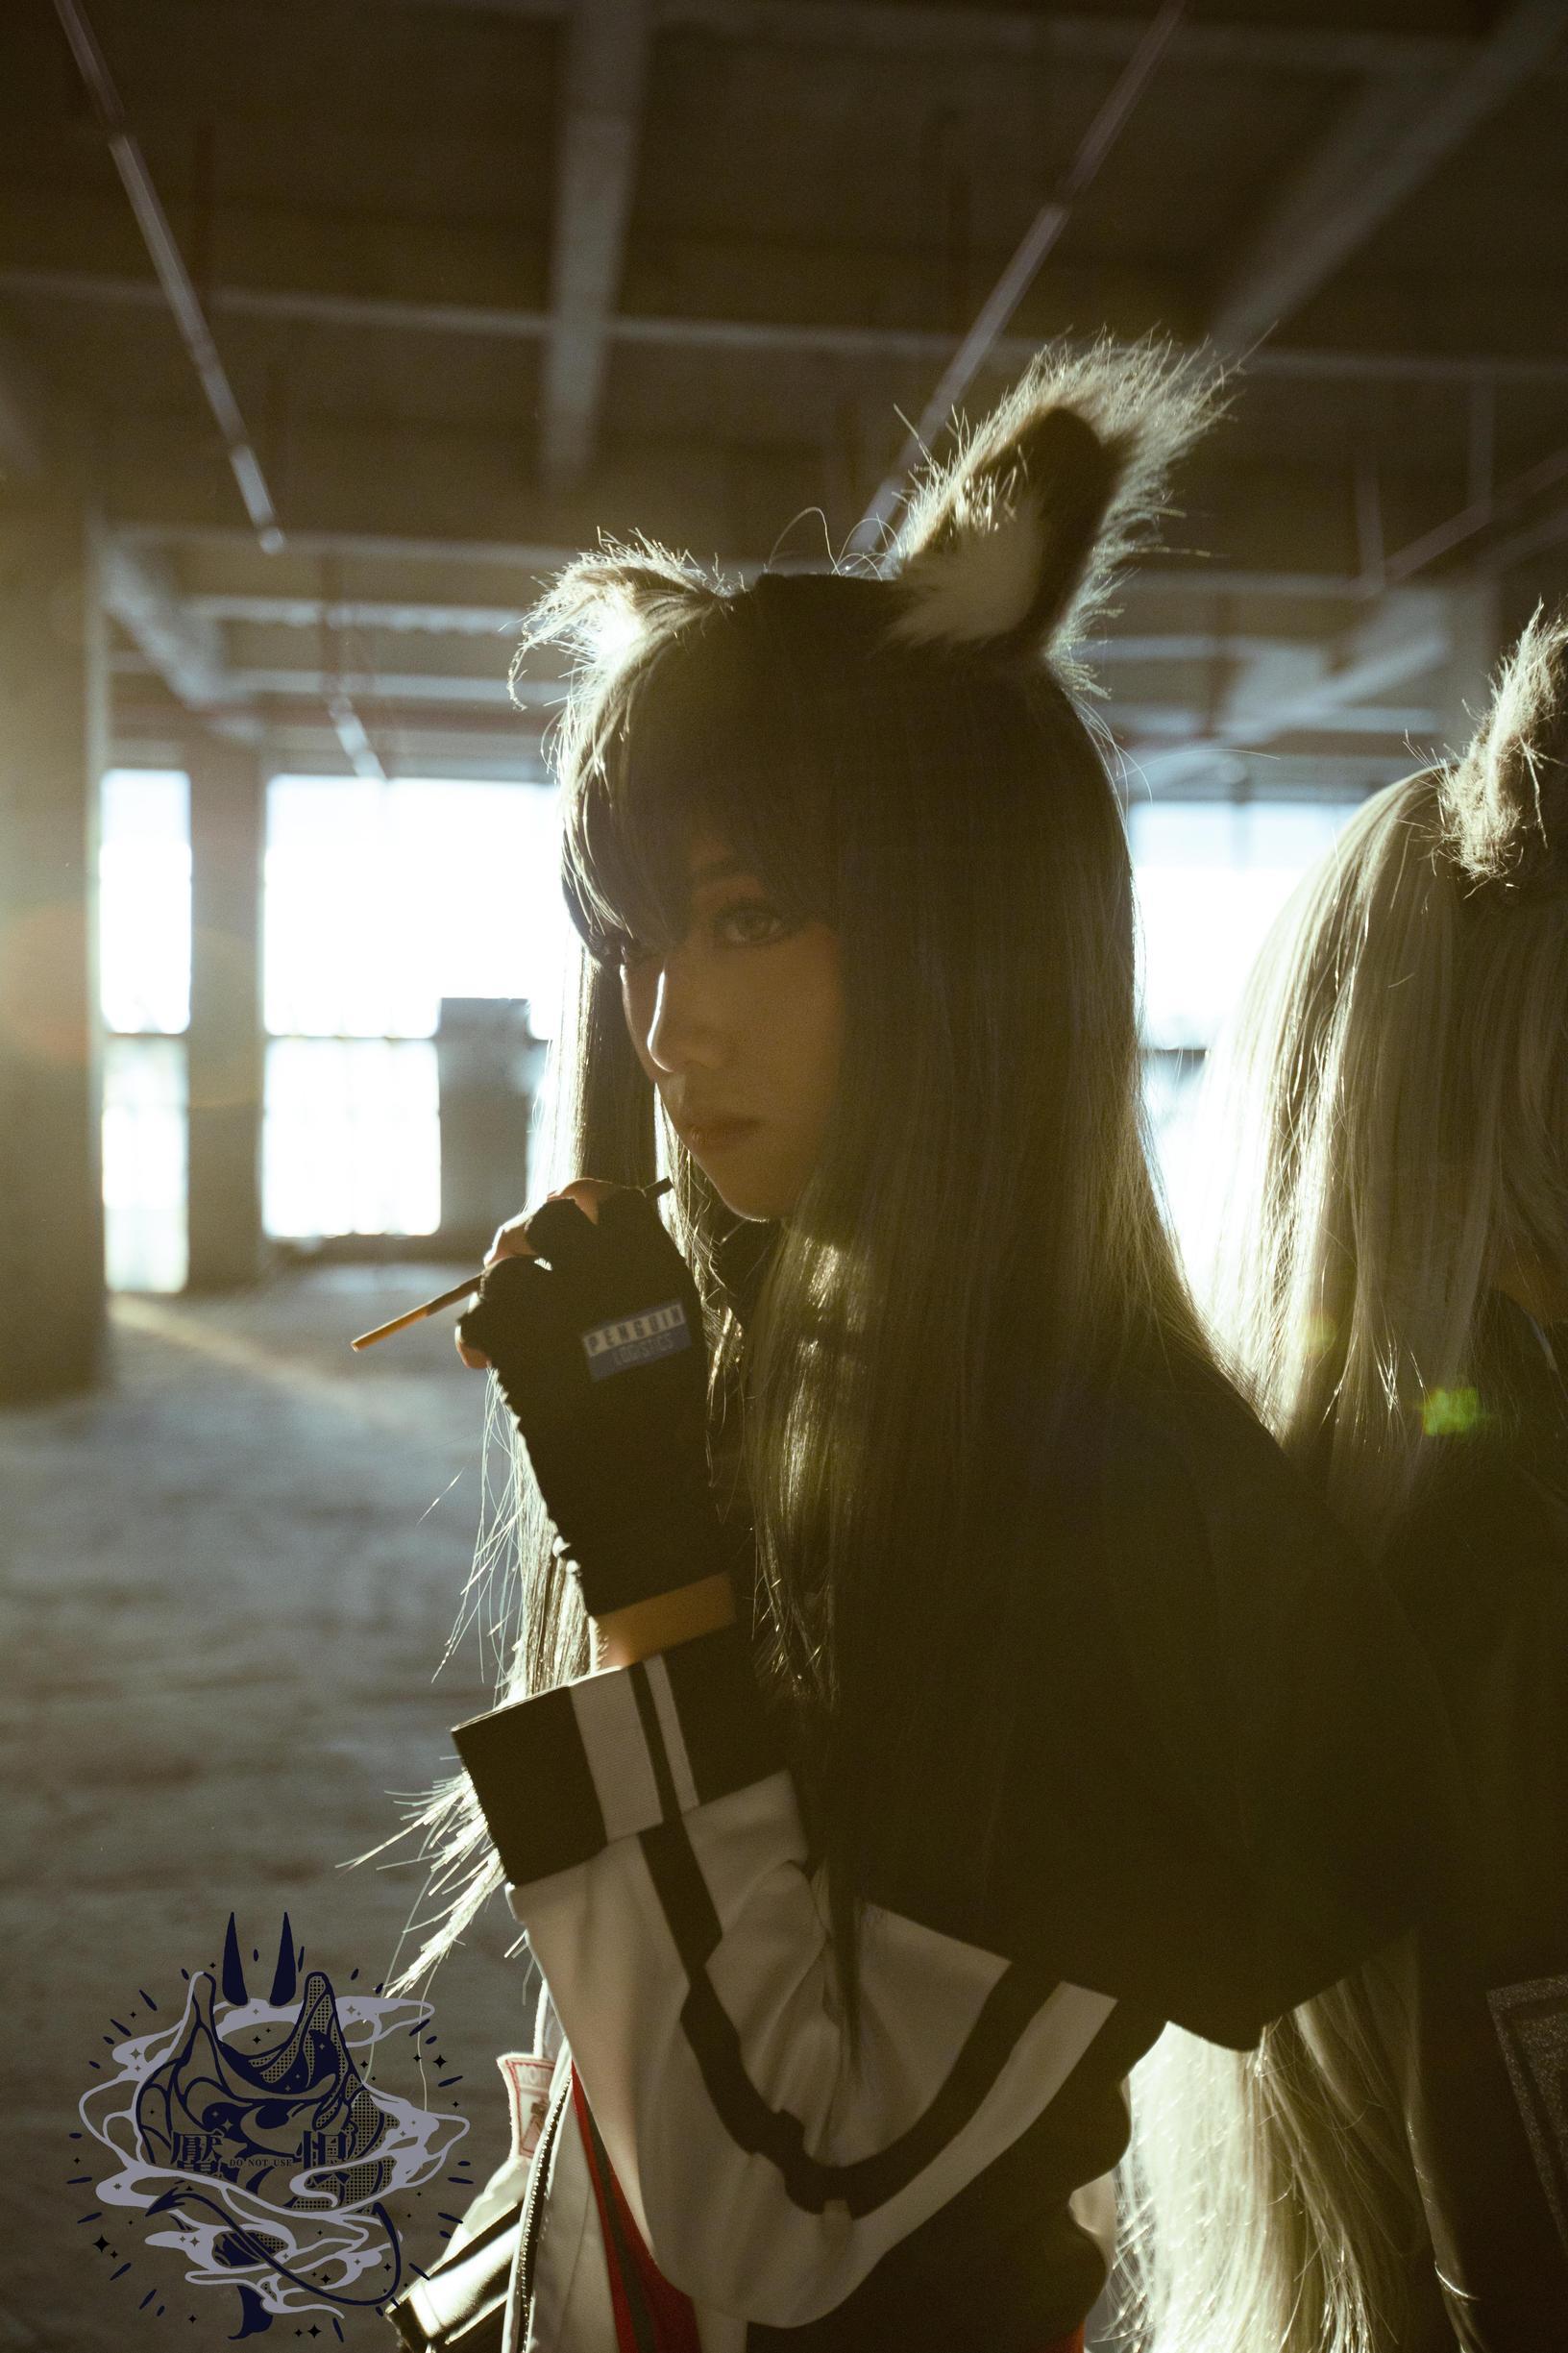 《明日方舟》拉普兰德cosplay【CN:魇恨哒~】 -lol伊芙琳cosplay图片插图